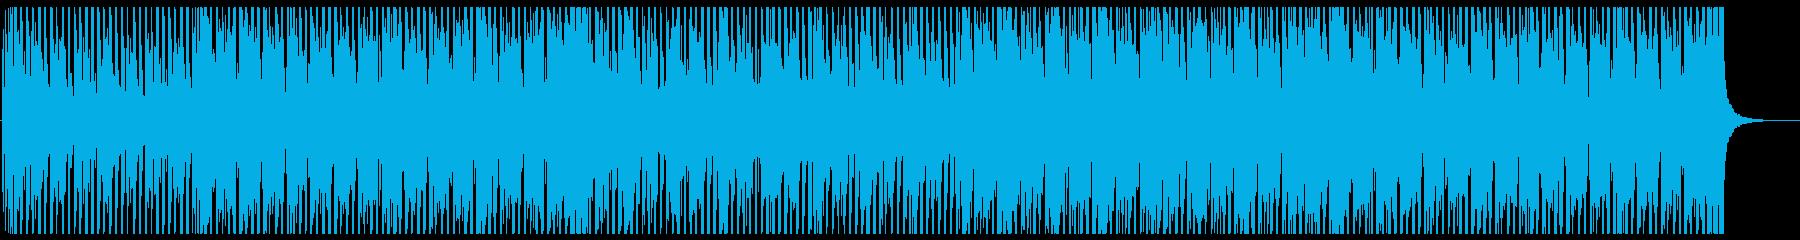 軽快なリズムのファンク・ハウスの再生済みの波形